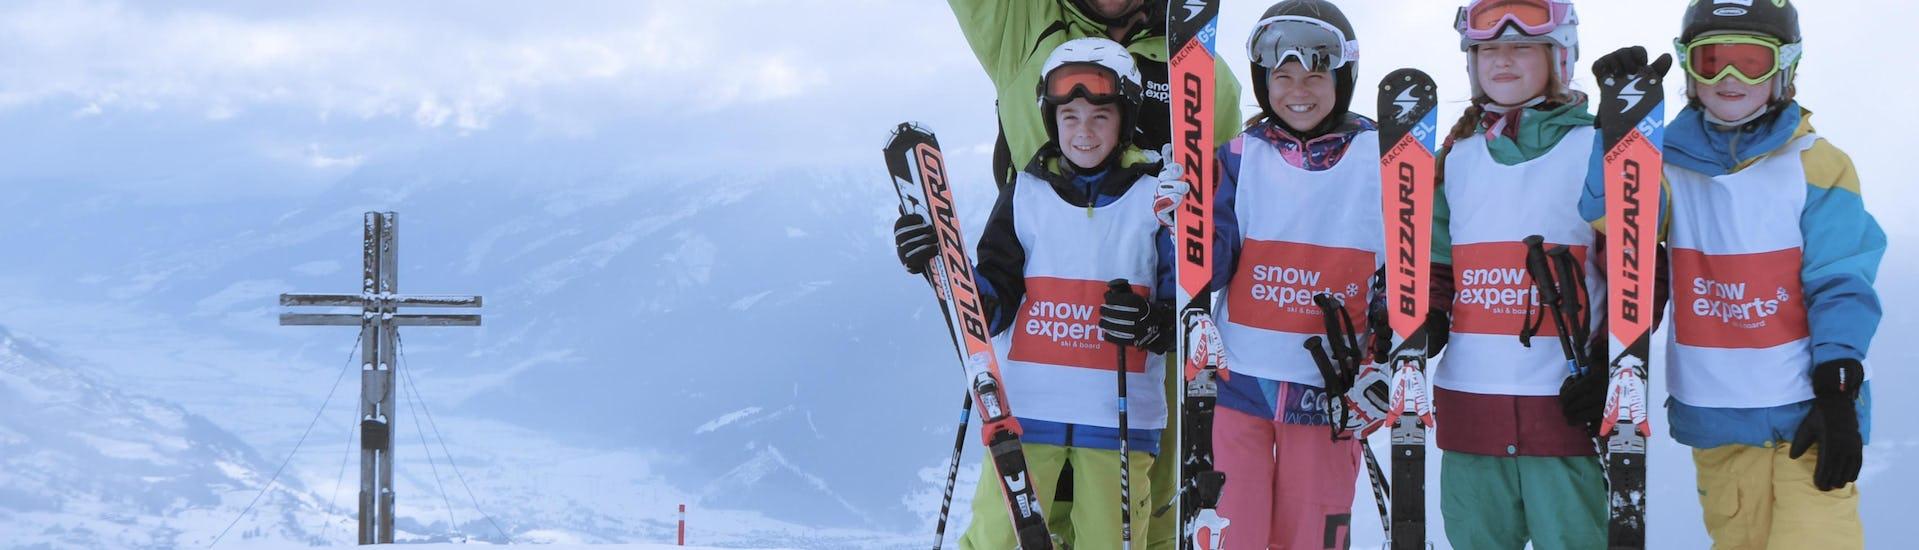 Kids Ski Lessons (5 - 14 years) - Beginner